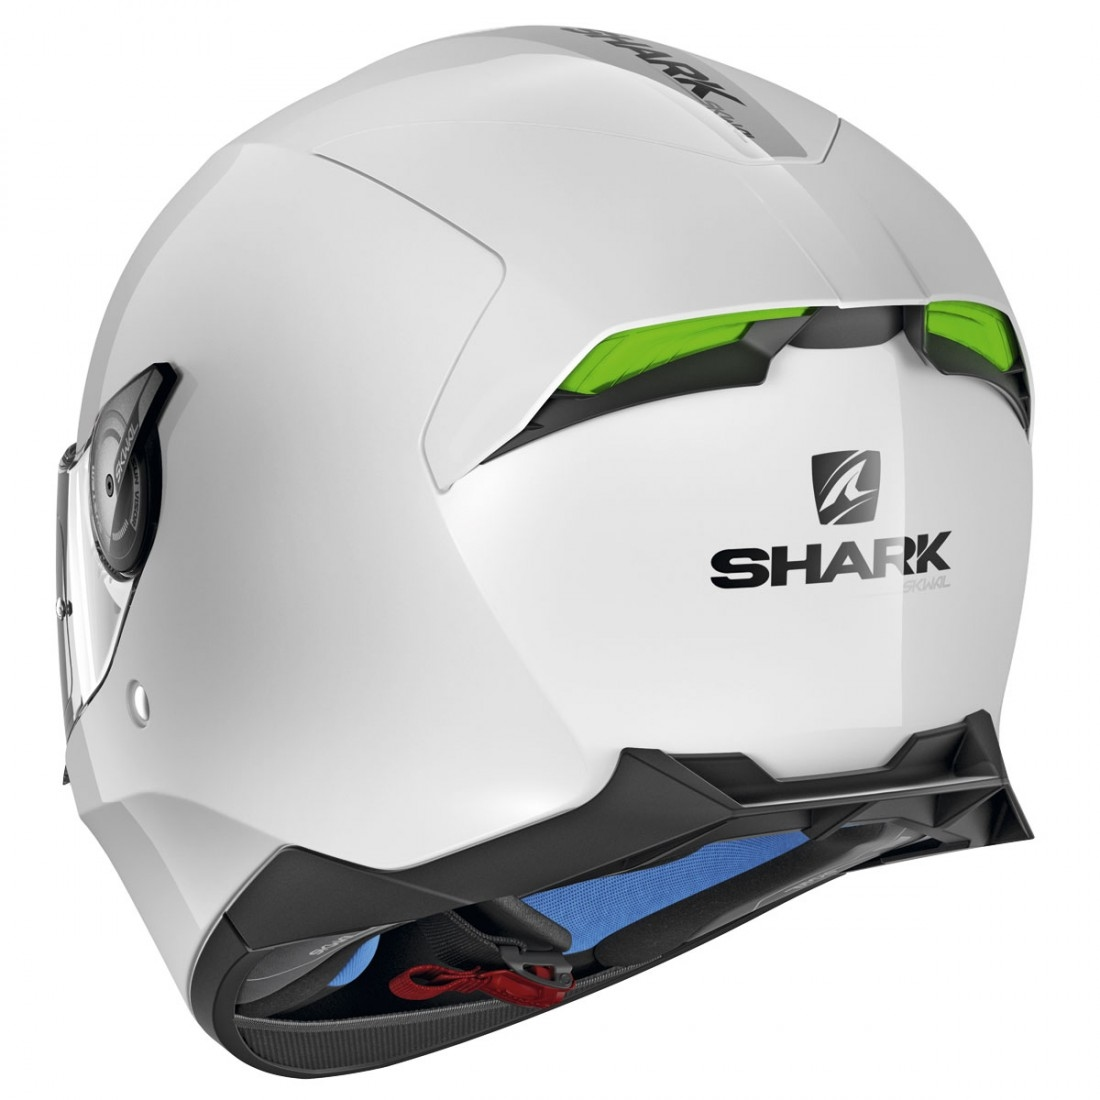 shark skwal 2 blank white azur helmet motocard. Black Bedroom Furniture Sets. Home Design Ideas